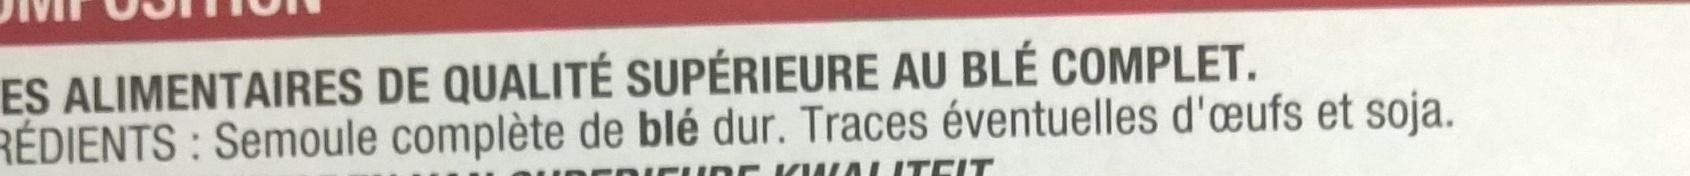 Coquillettes blé complet - Ingrédients - fr